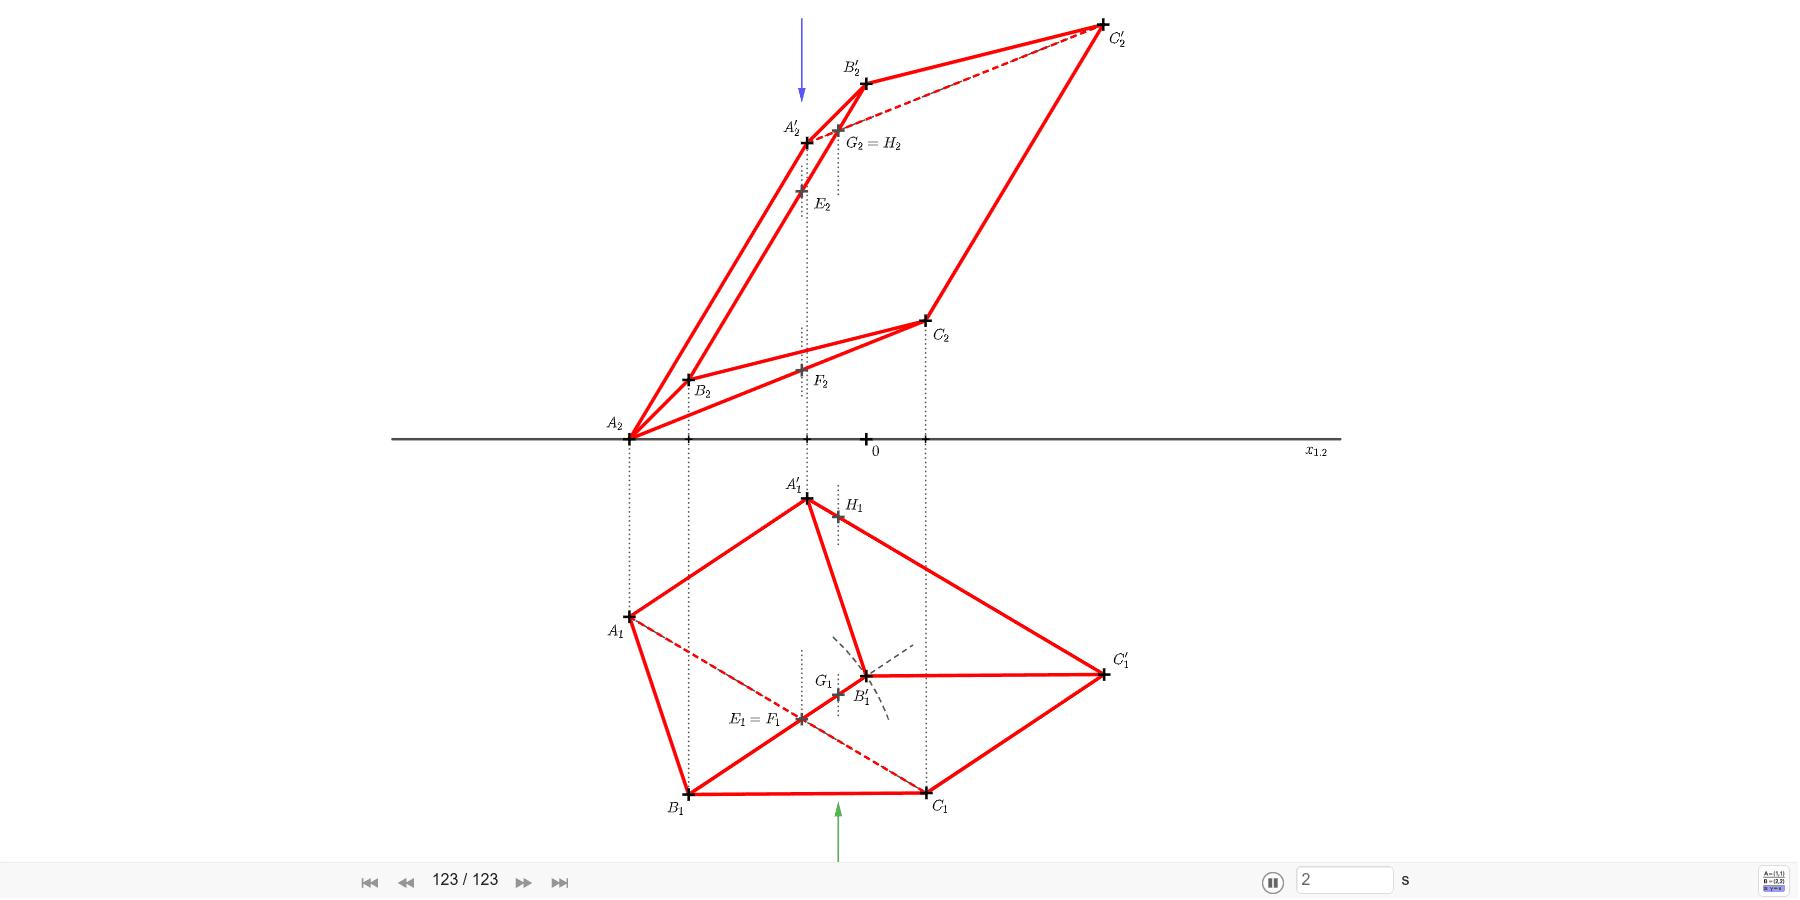 Sestrojte průměty trojbokého kosého hranolu ABCA'B'C', je-li dáno A=[-4; 3; 0], B=[-3; 6; 1], C=[1; 6; 2], A'=[-1; 1; 5]. Zahajte aktivitu stisknutím klávesy Enter